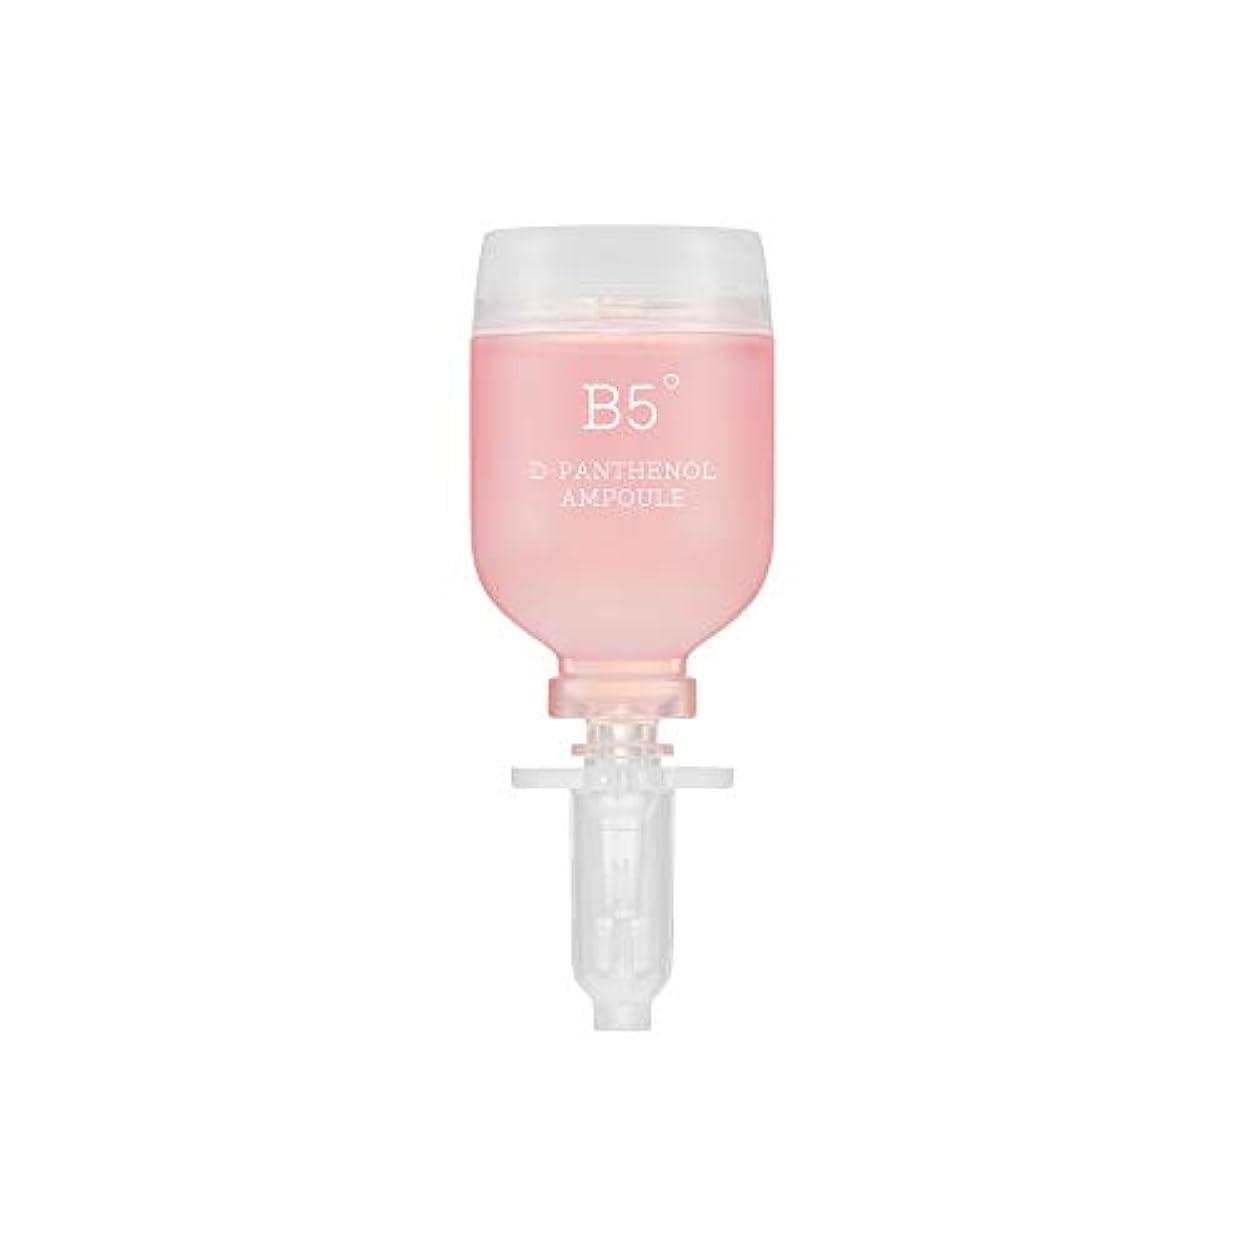 テレックス規定合併Balancium B5 D-Panthenol Ampoule/バランシウム B5 D-パンテノール アンプル